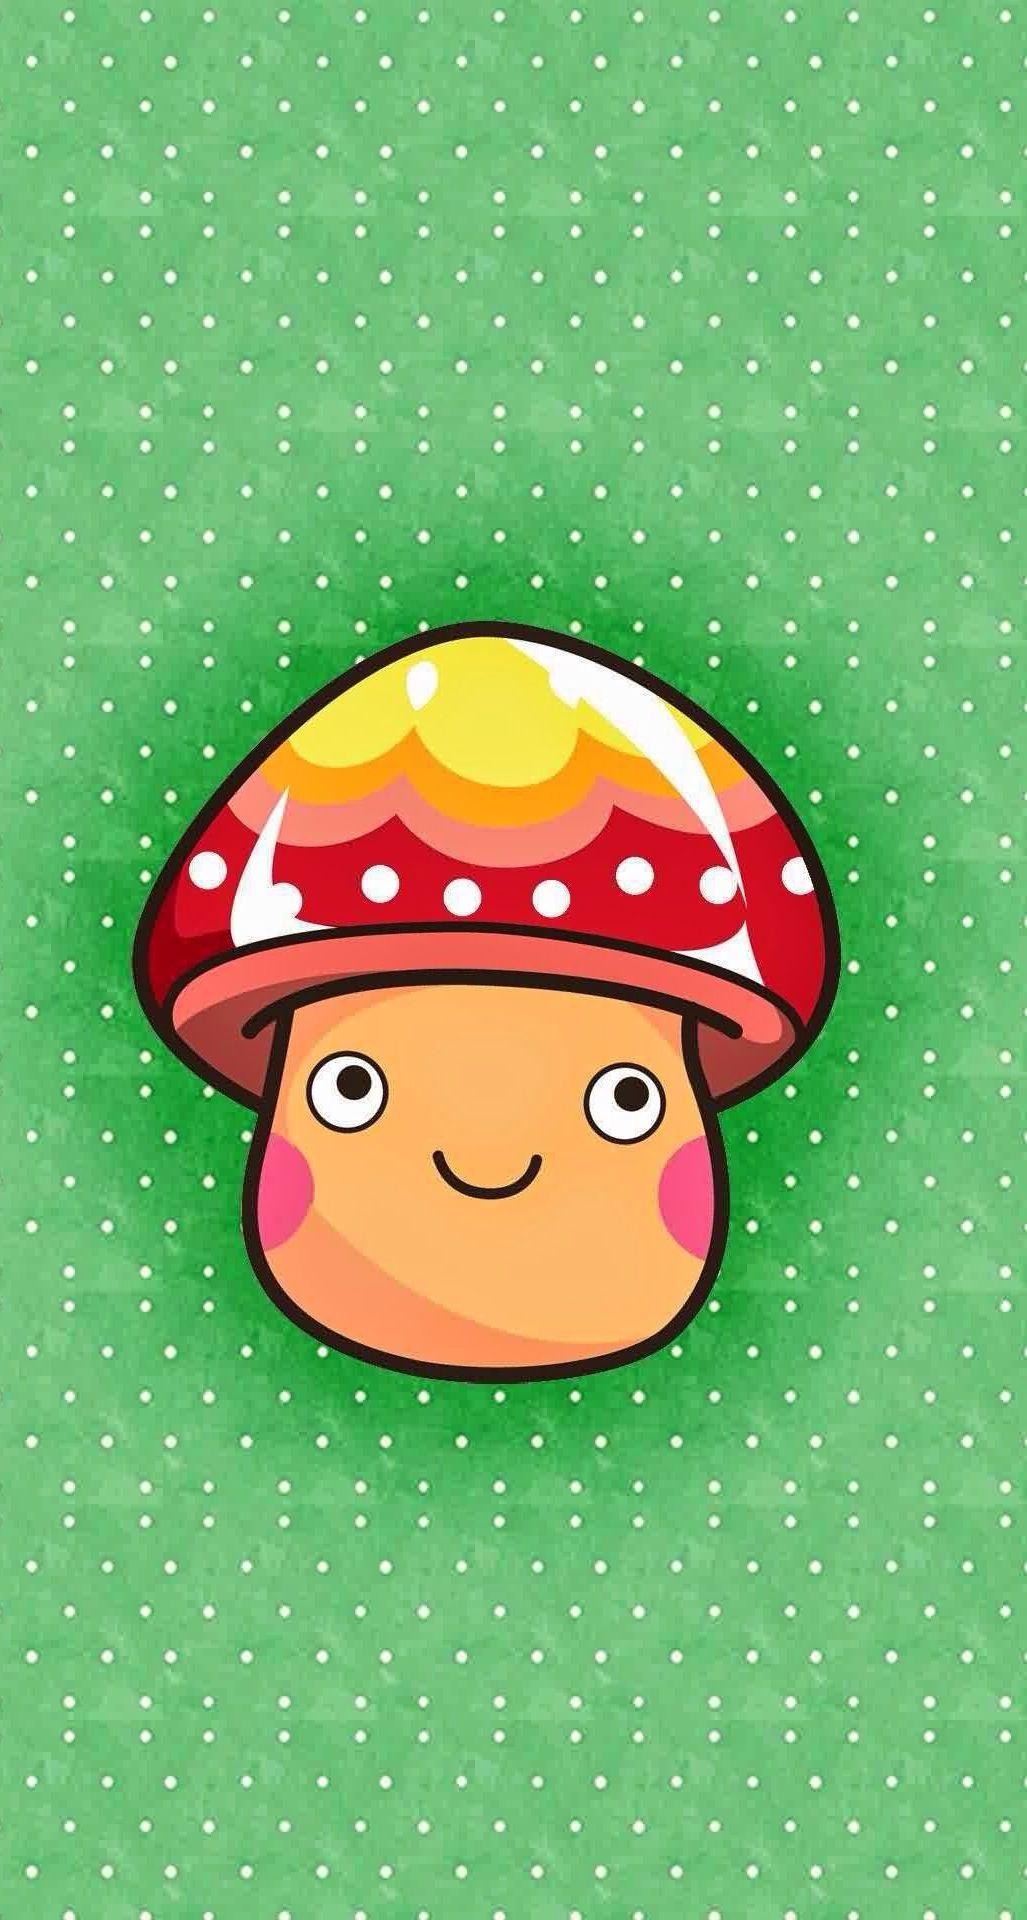 mushroom crush mania more cute iphone wallpapers at mobile9 com